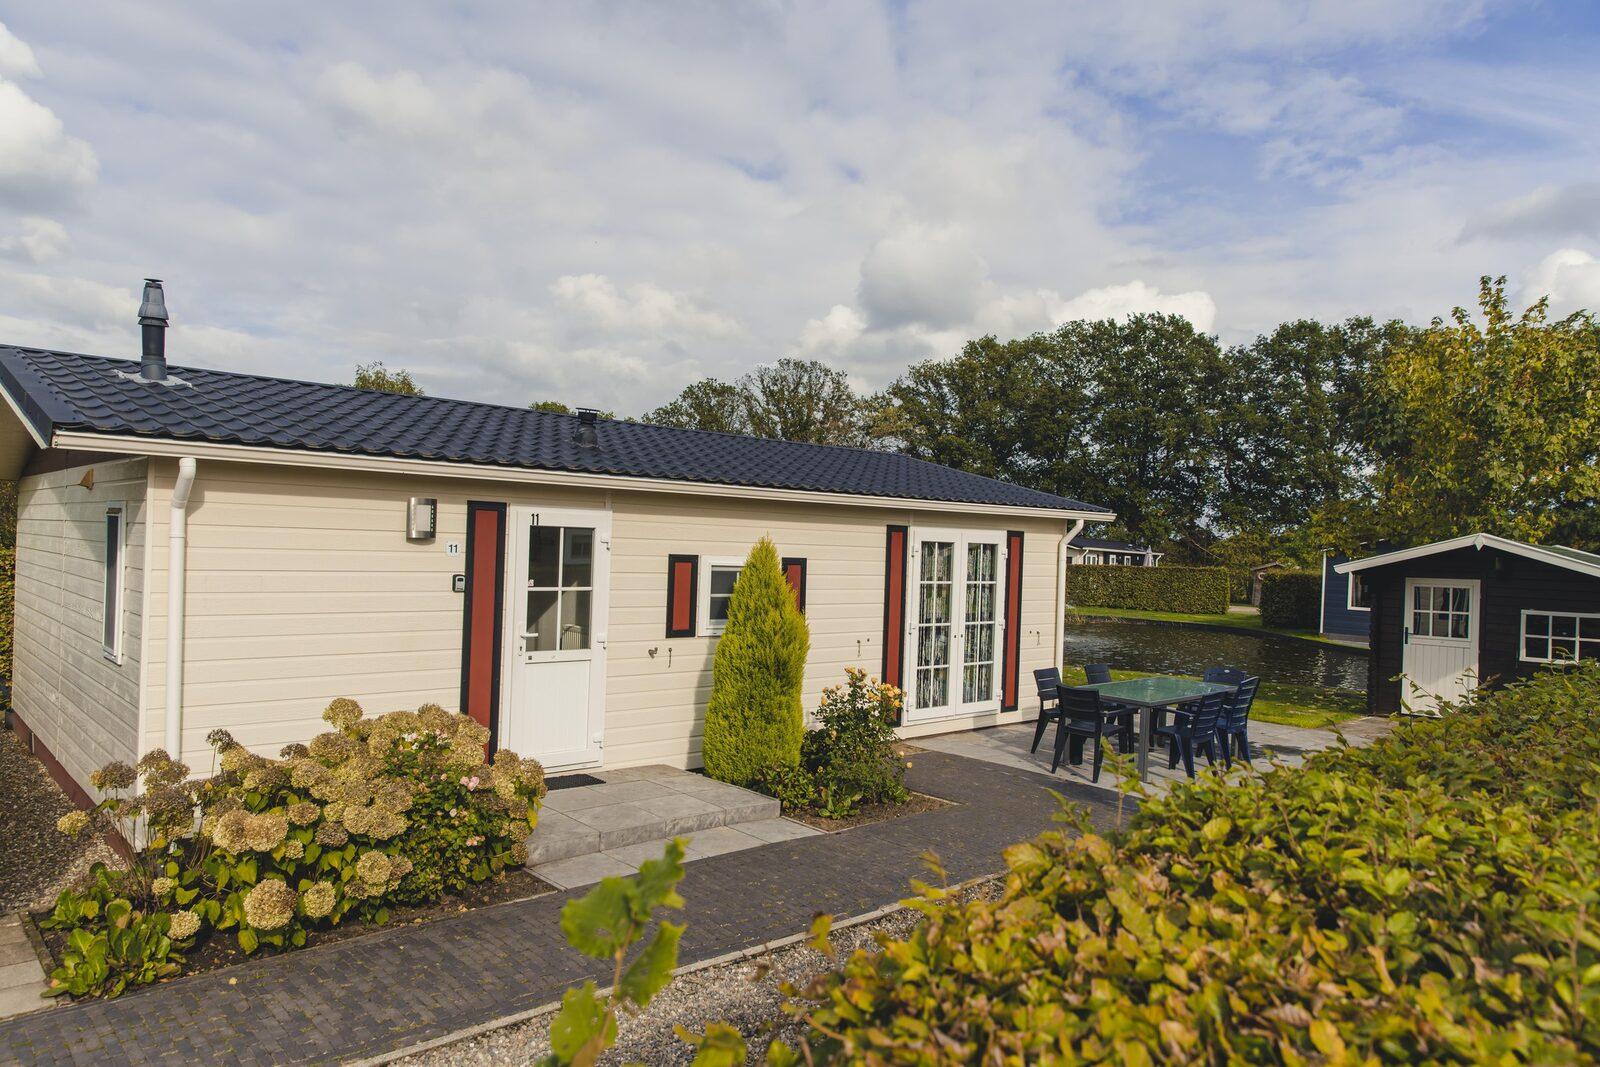 6-Personen-Chalet Twente, 3 Schlafzimmer